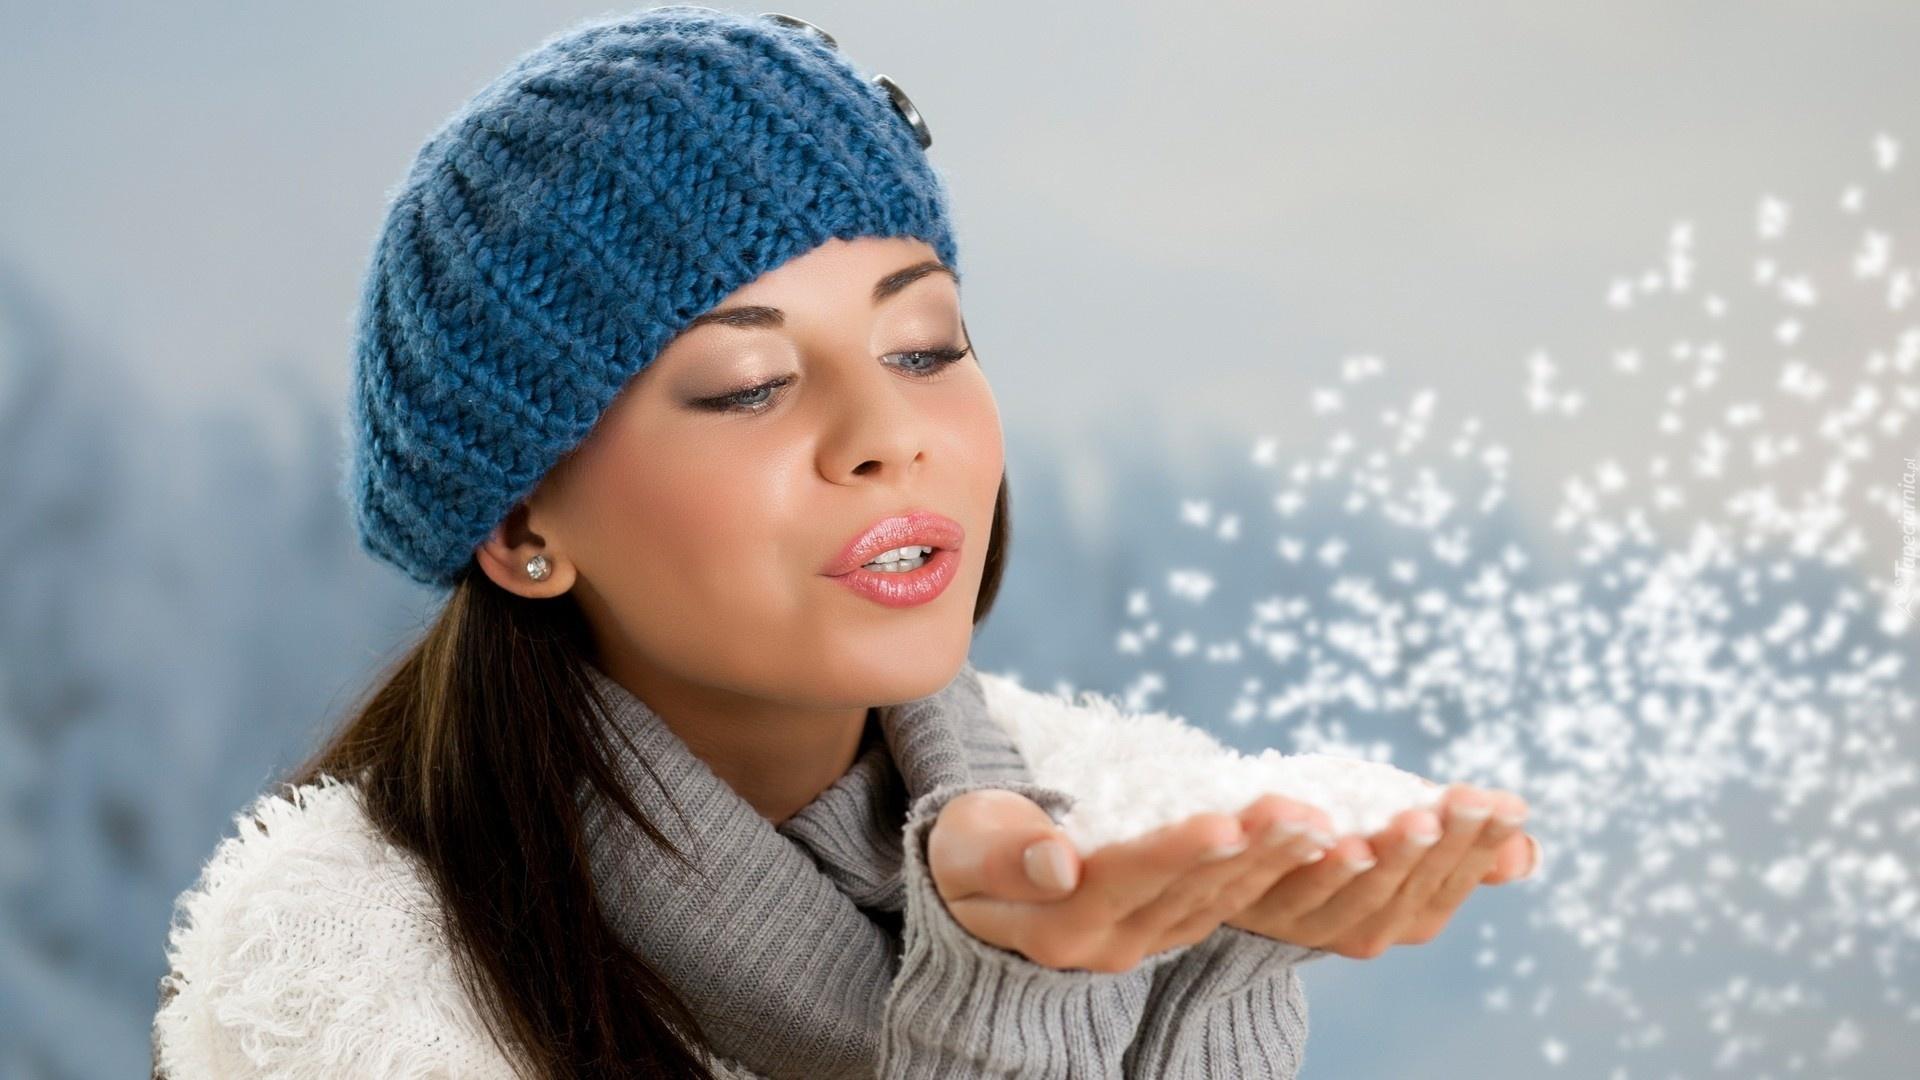 девушка брюнетка зима снег winter snow  № 2816764 без смс